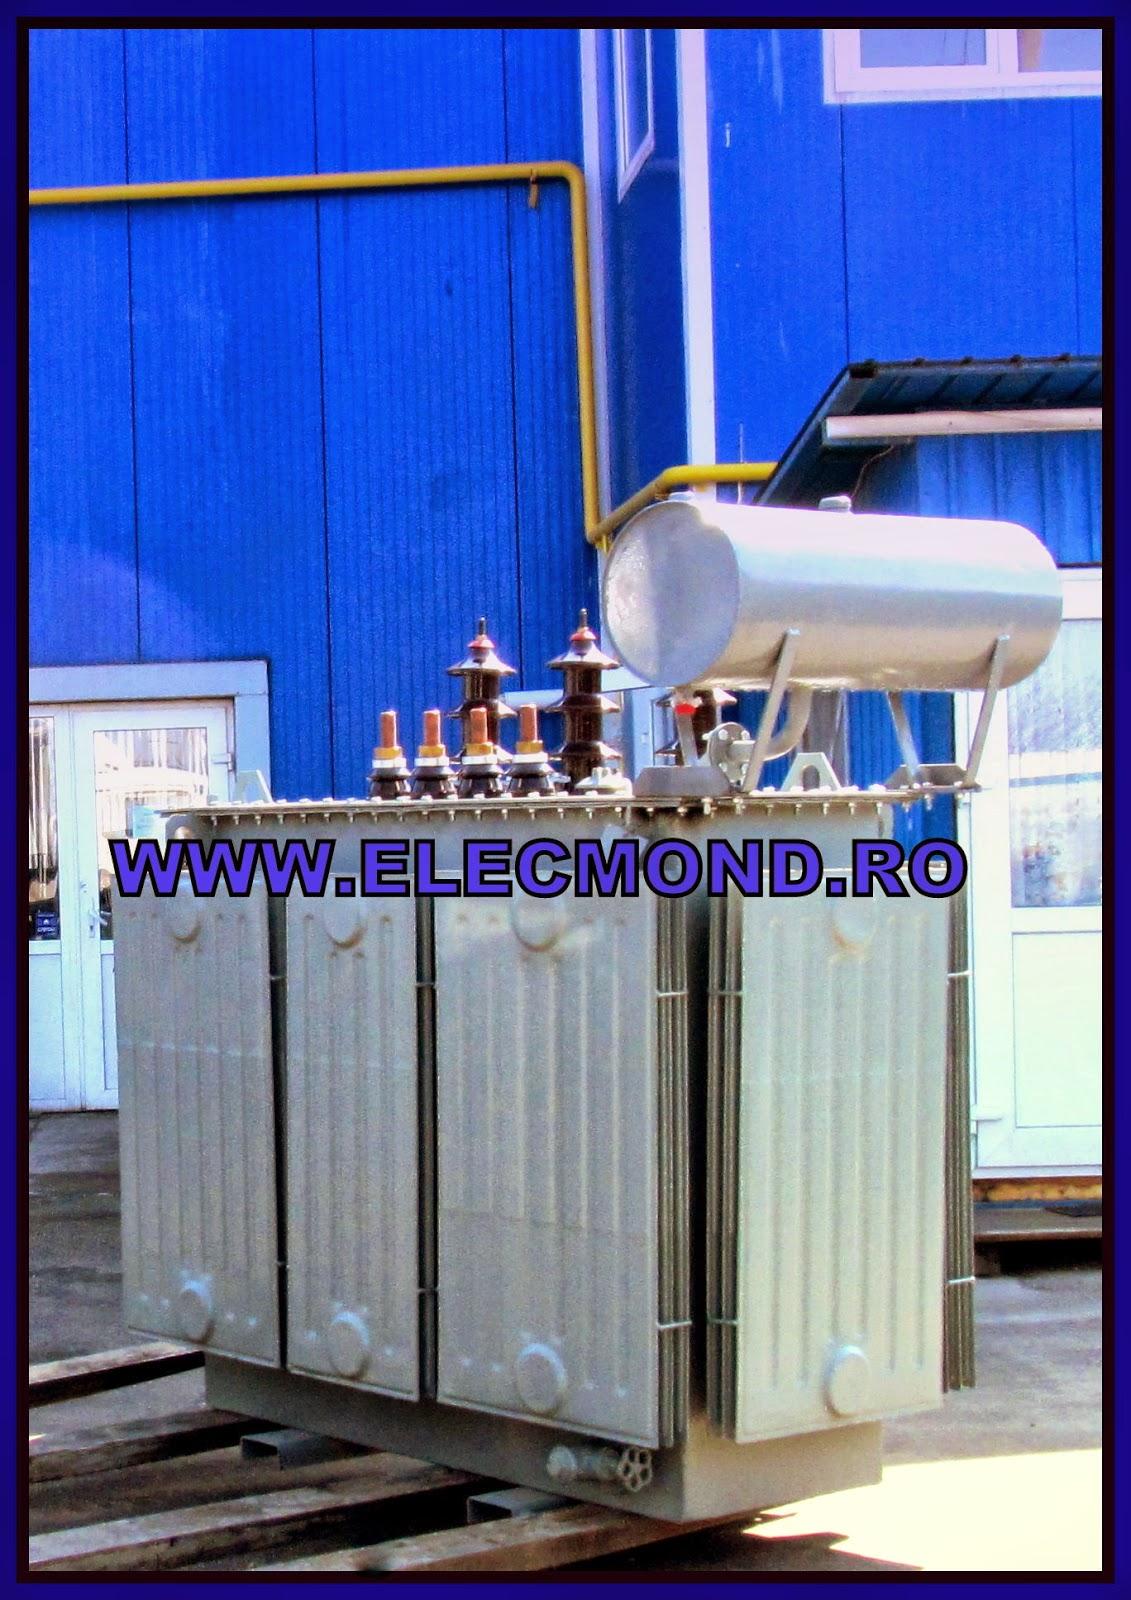 Transformator 630 kVA , transformatoare 630 kVA , Elecmond Electric , trafo , transformatoare de putere , transformatoare in ulei ,transformatoare , fabrica transformatoare ,  trafo pret , transformatoare electrice